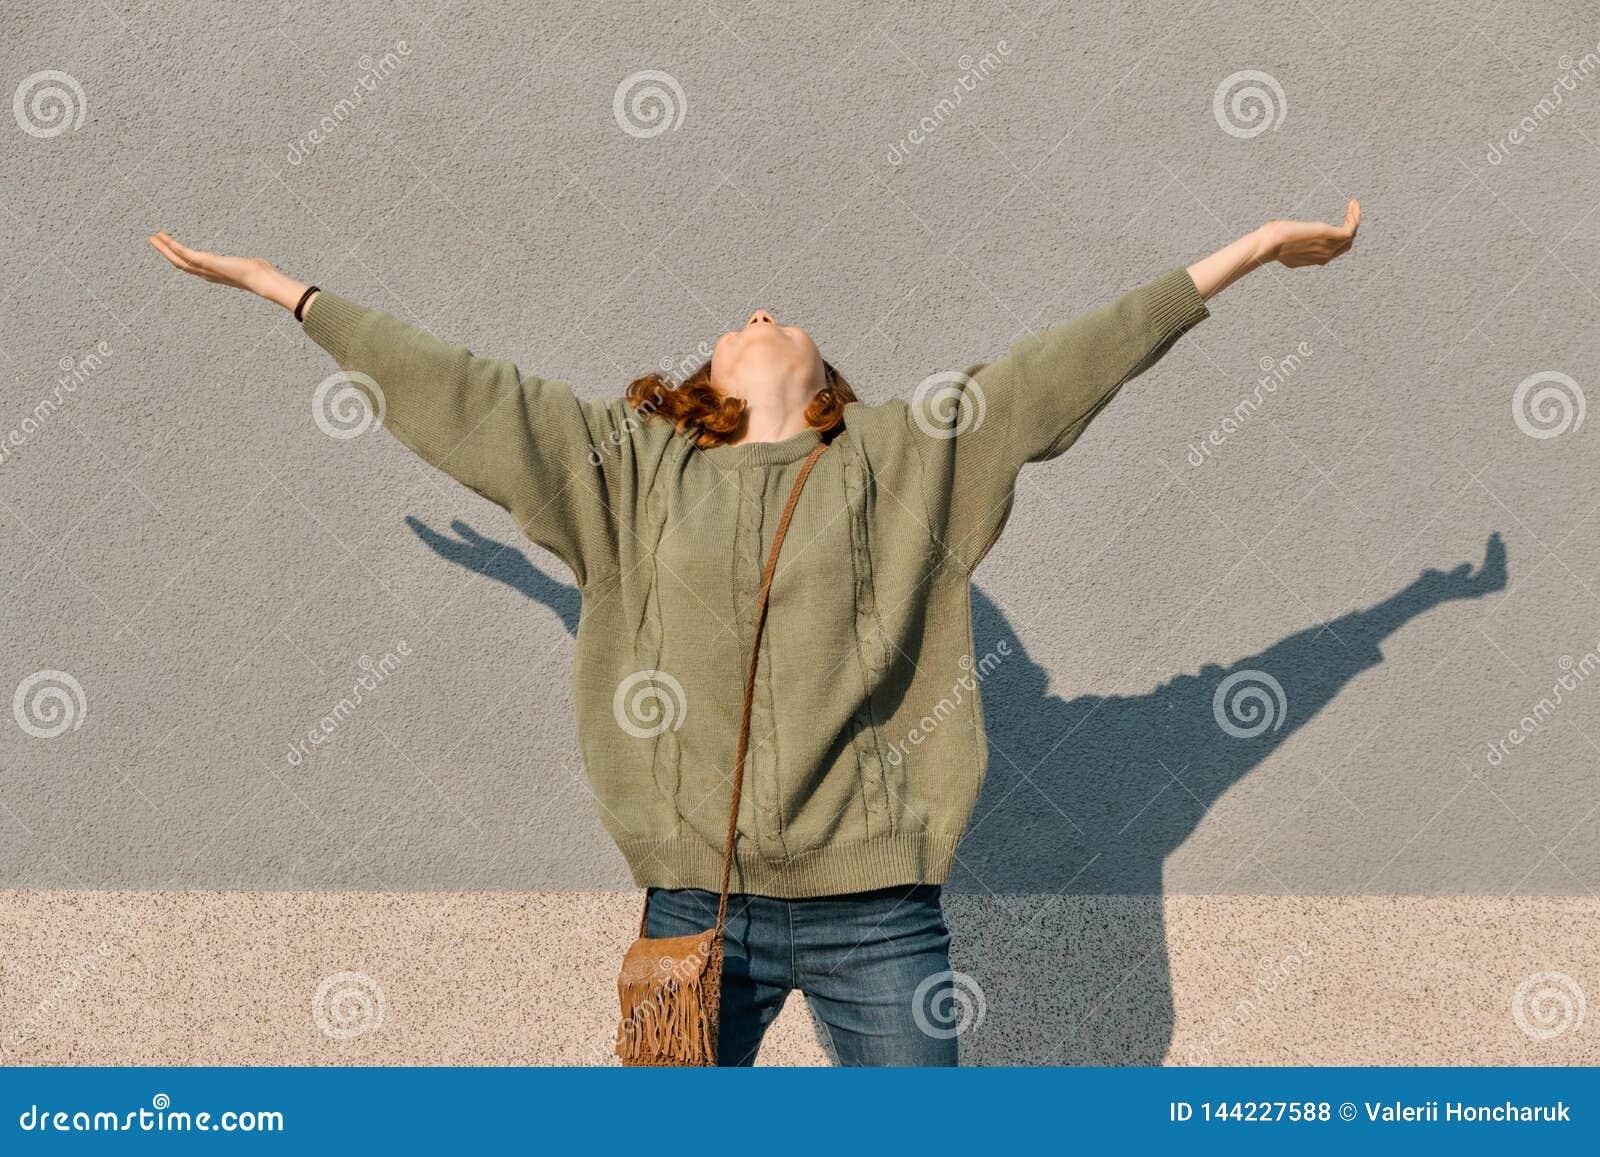 Ritratto all aperto della ragazza teenager felice con le mani su ed occhi chiusi, fondo soleggiato grigio della parete, emozione